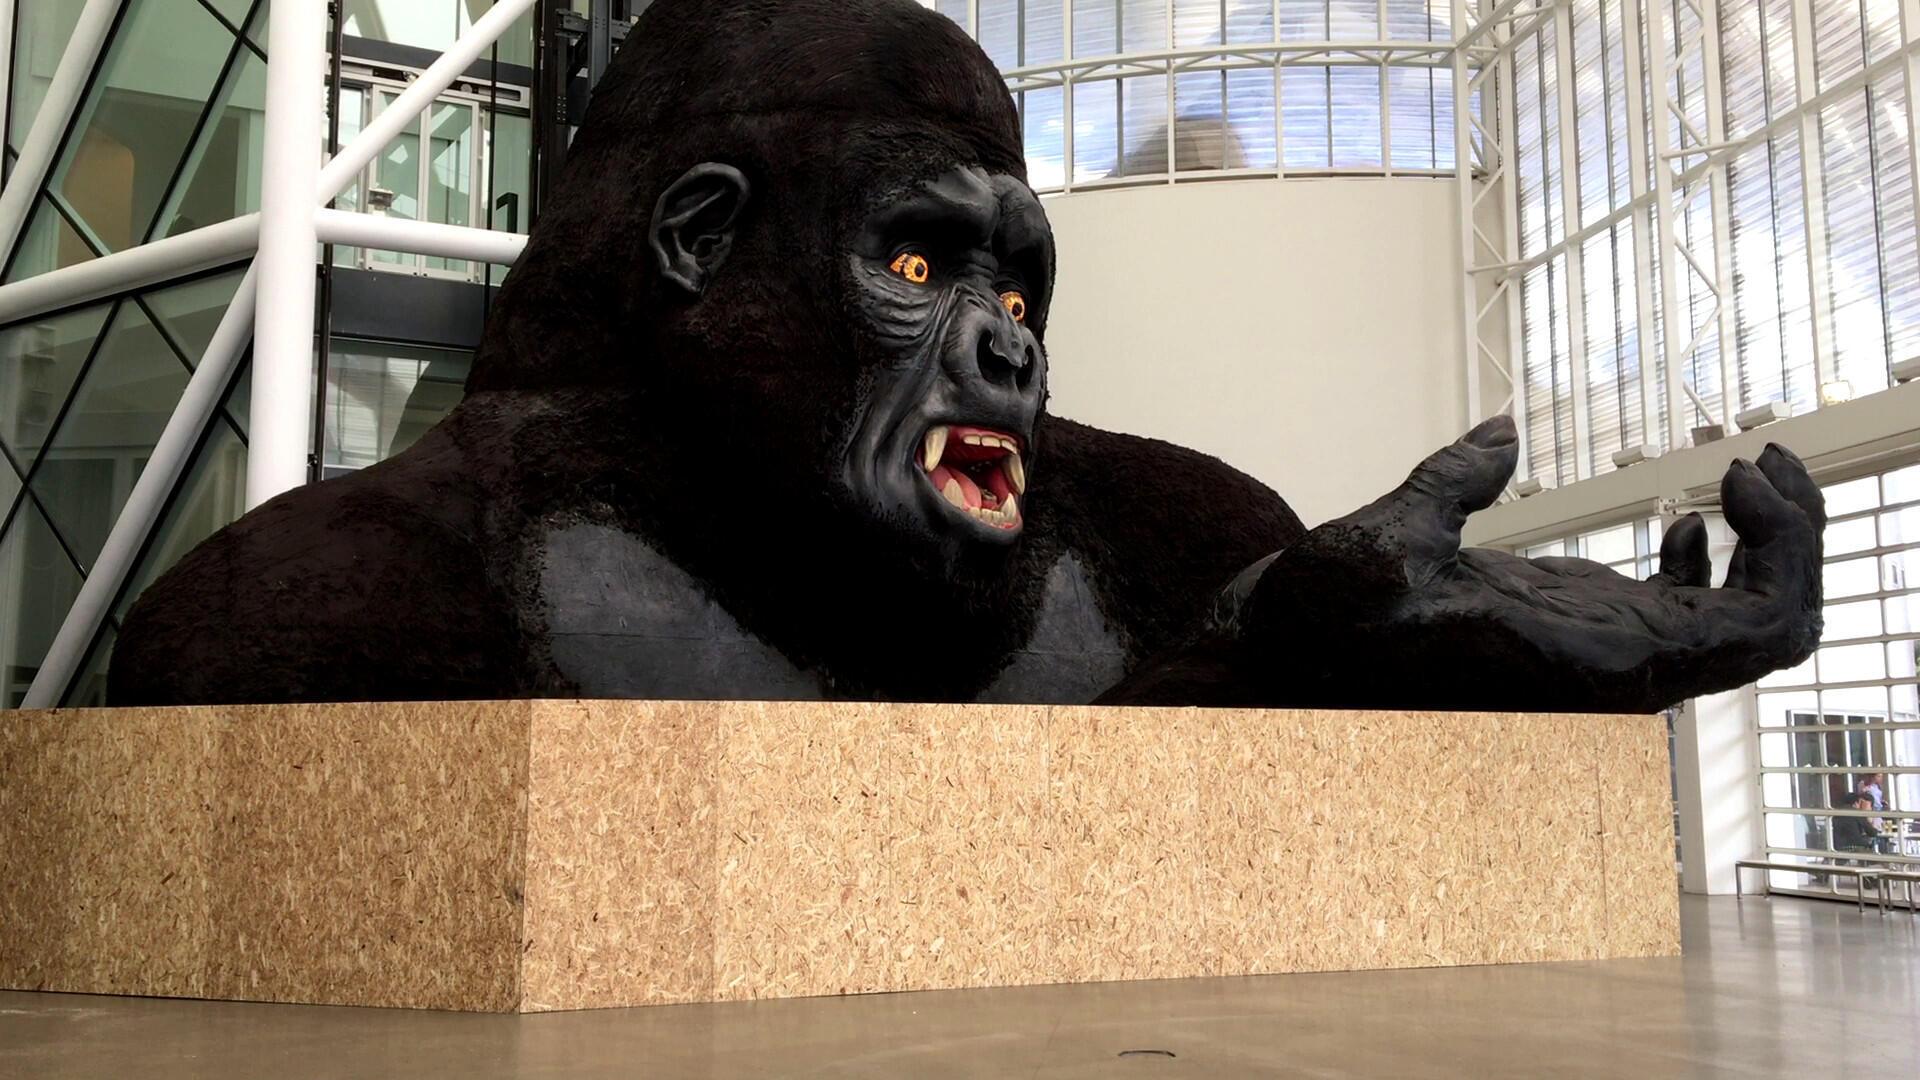 Le King Kong de l'opéra « L'Affaire Makropoulos », décor conçu par Małgorzata Szczęśniak pour l'Opéra Bastille, à l'entrée du Centre Pompidou-Metz.